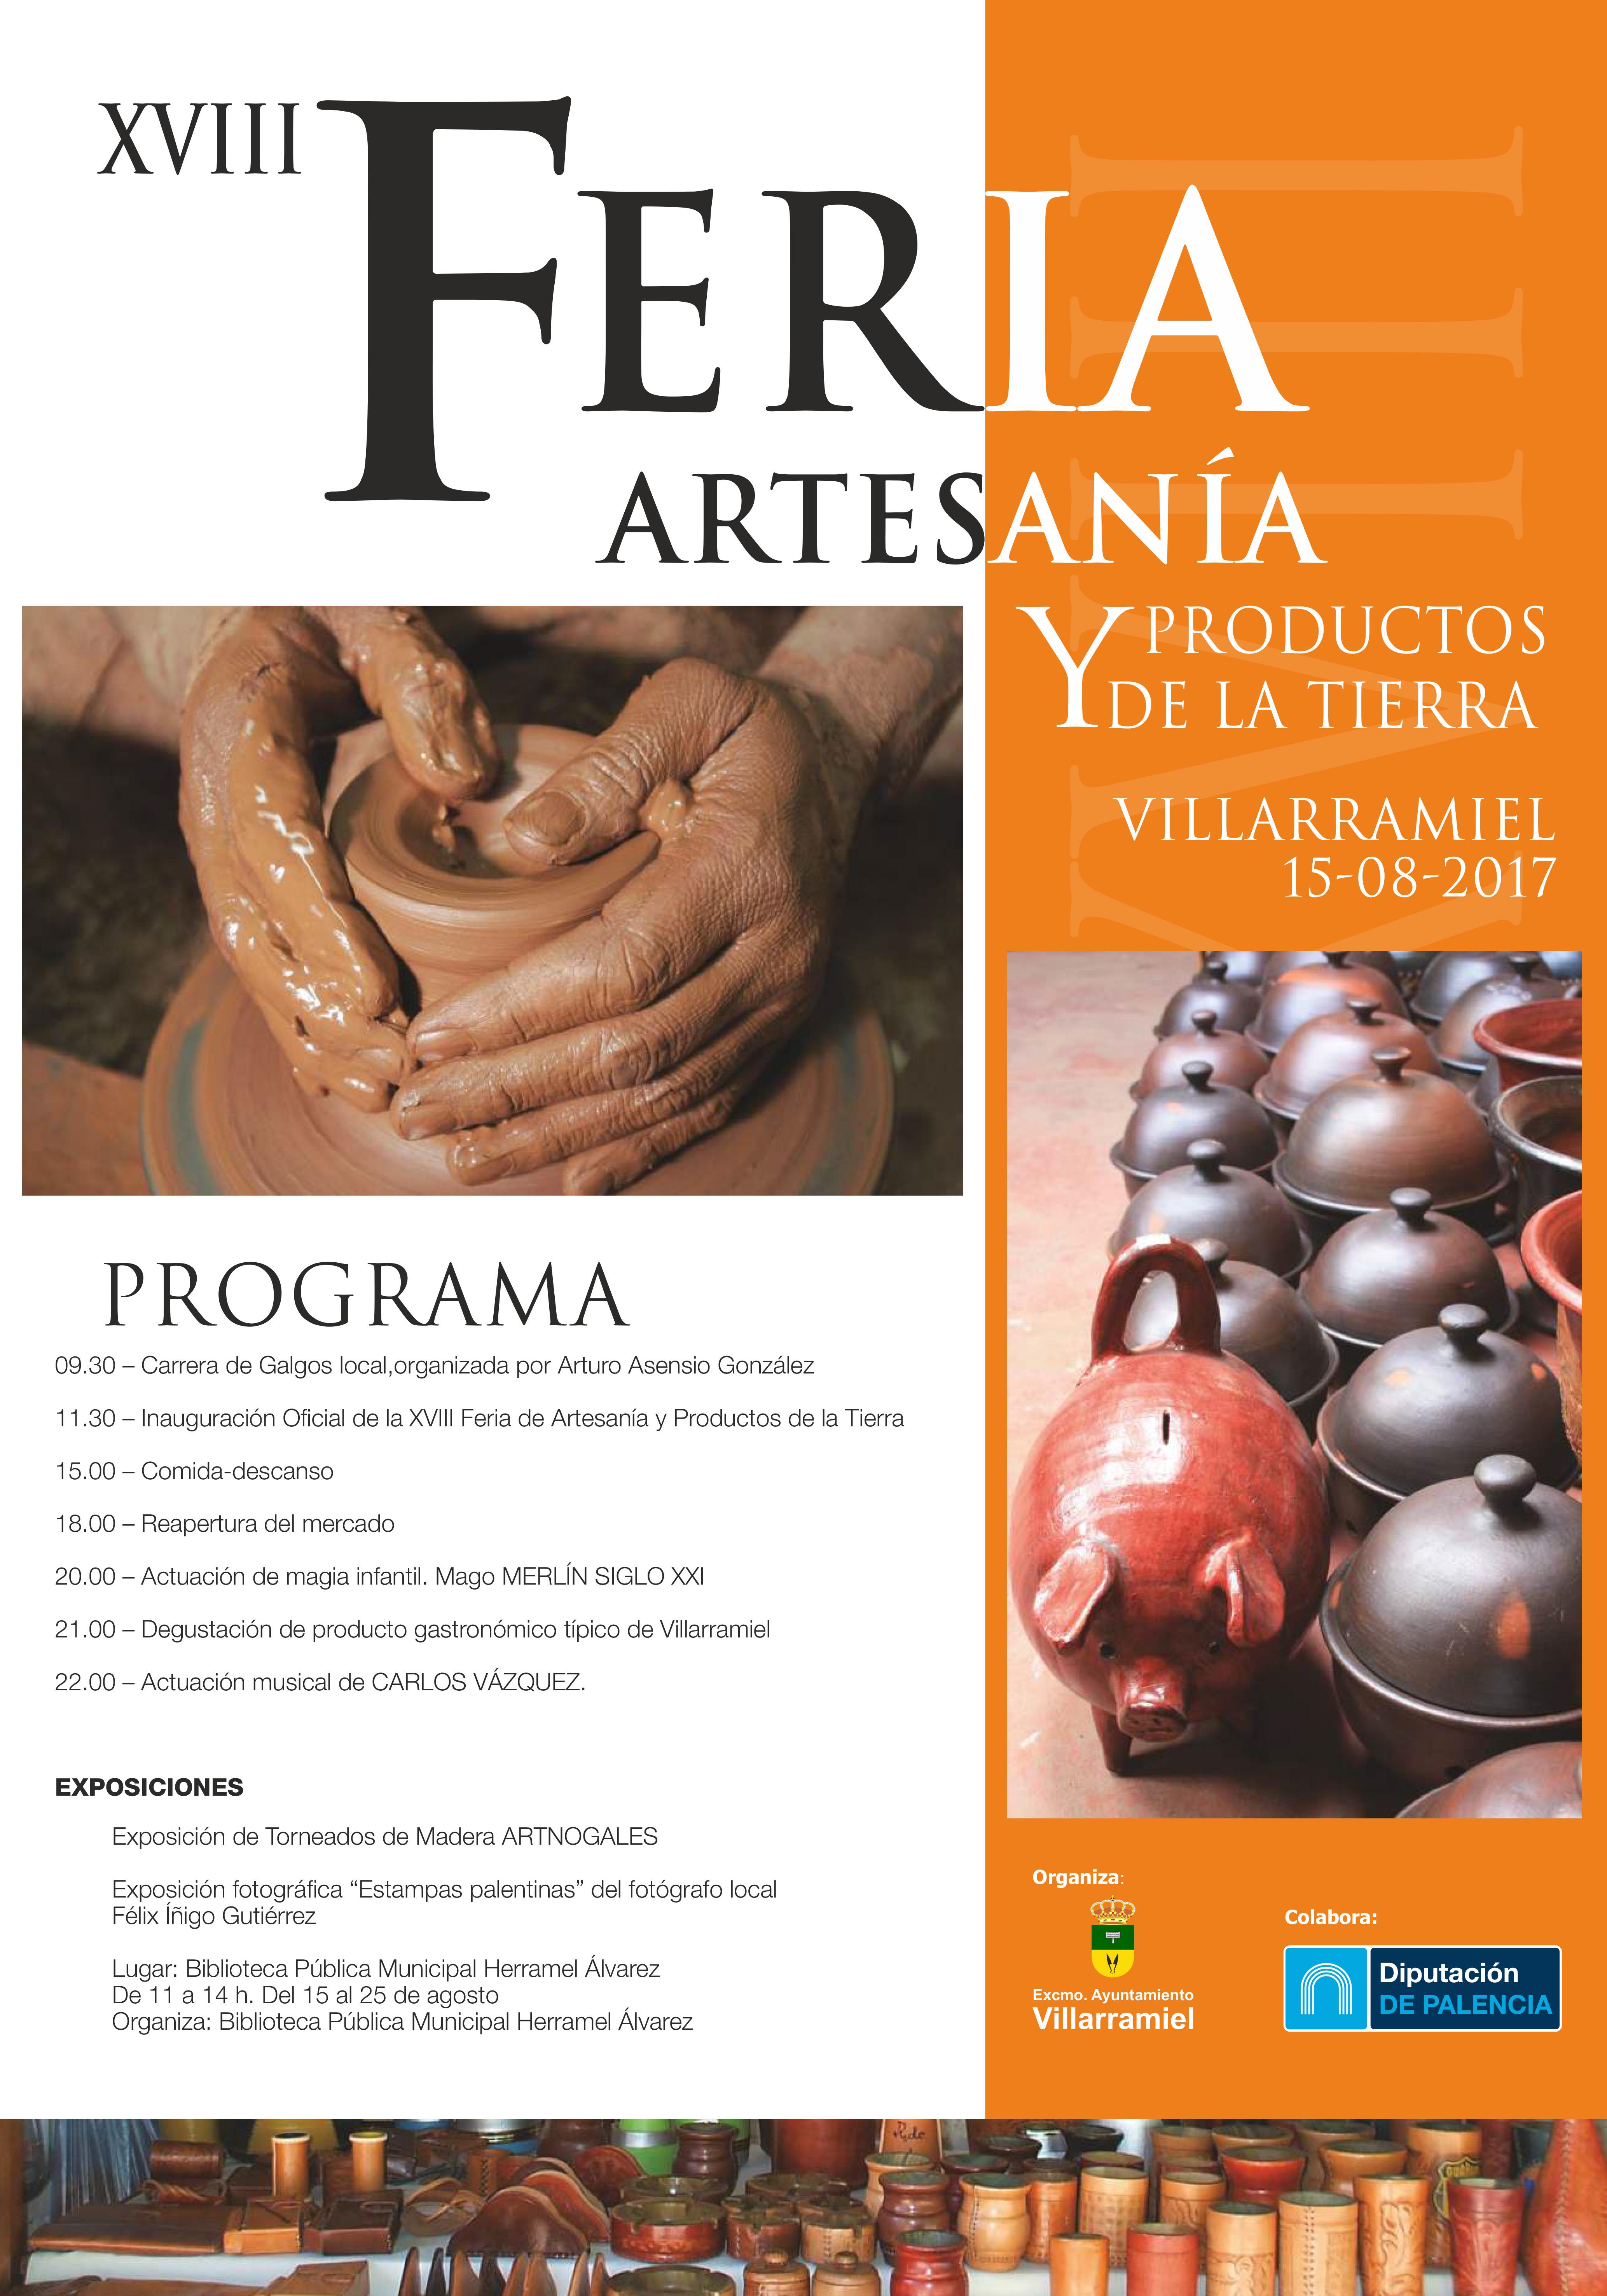 XVIII Feria de Artesanía y Productos de la Tierra. 15 de agosto